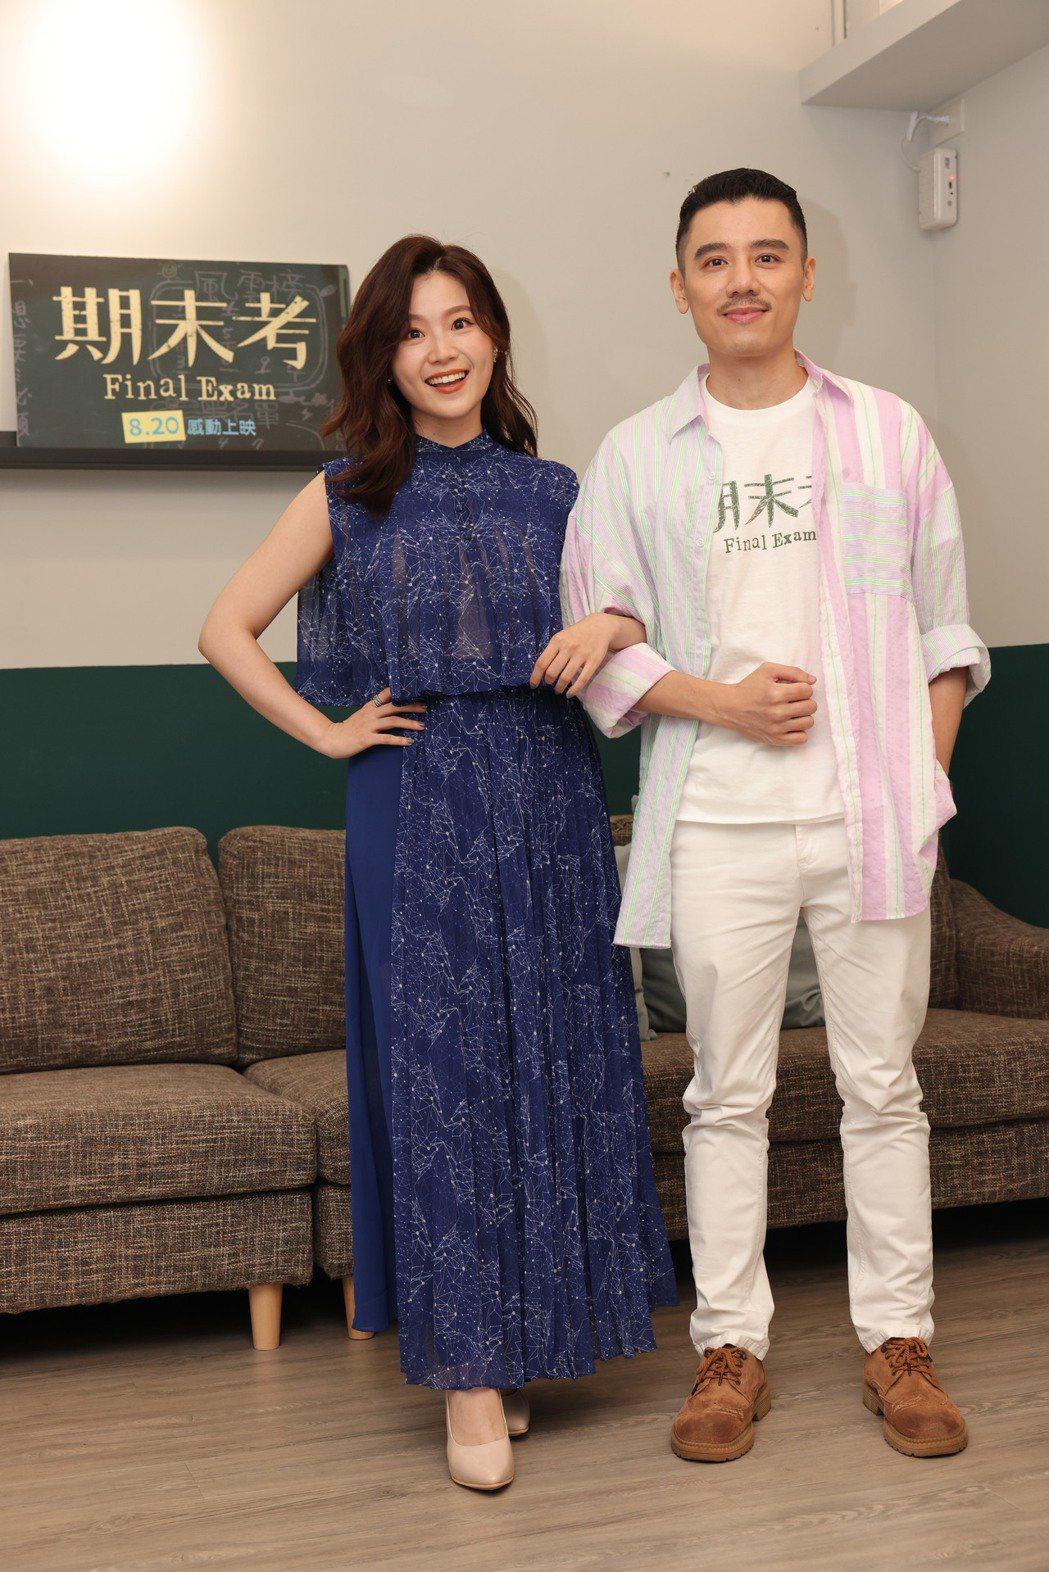 楊小黎(左)、邱志宇在「期末考」當國小老師,戲裡戲外互動熱烈。記者李政龍攝影